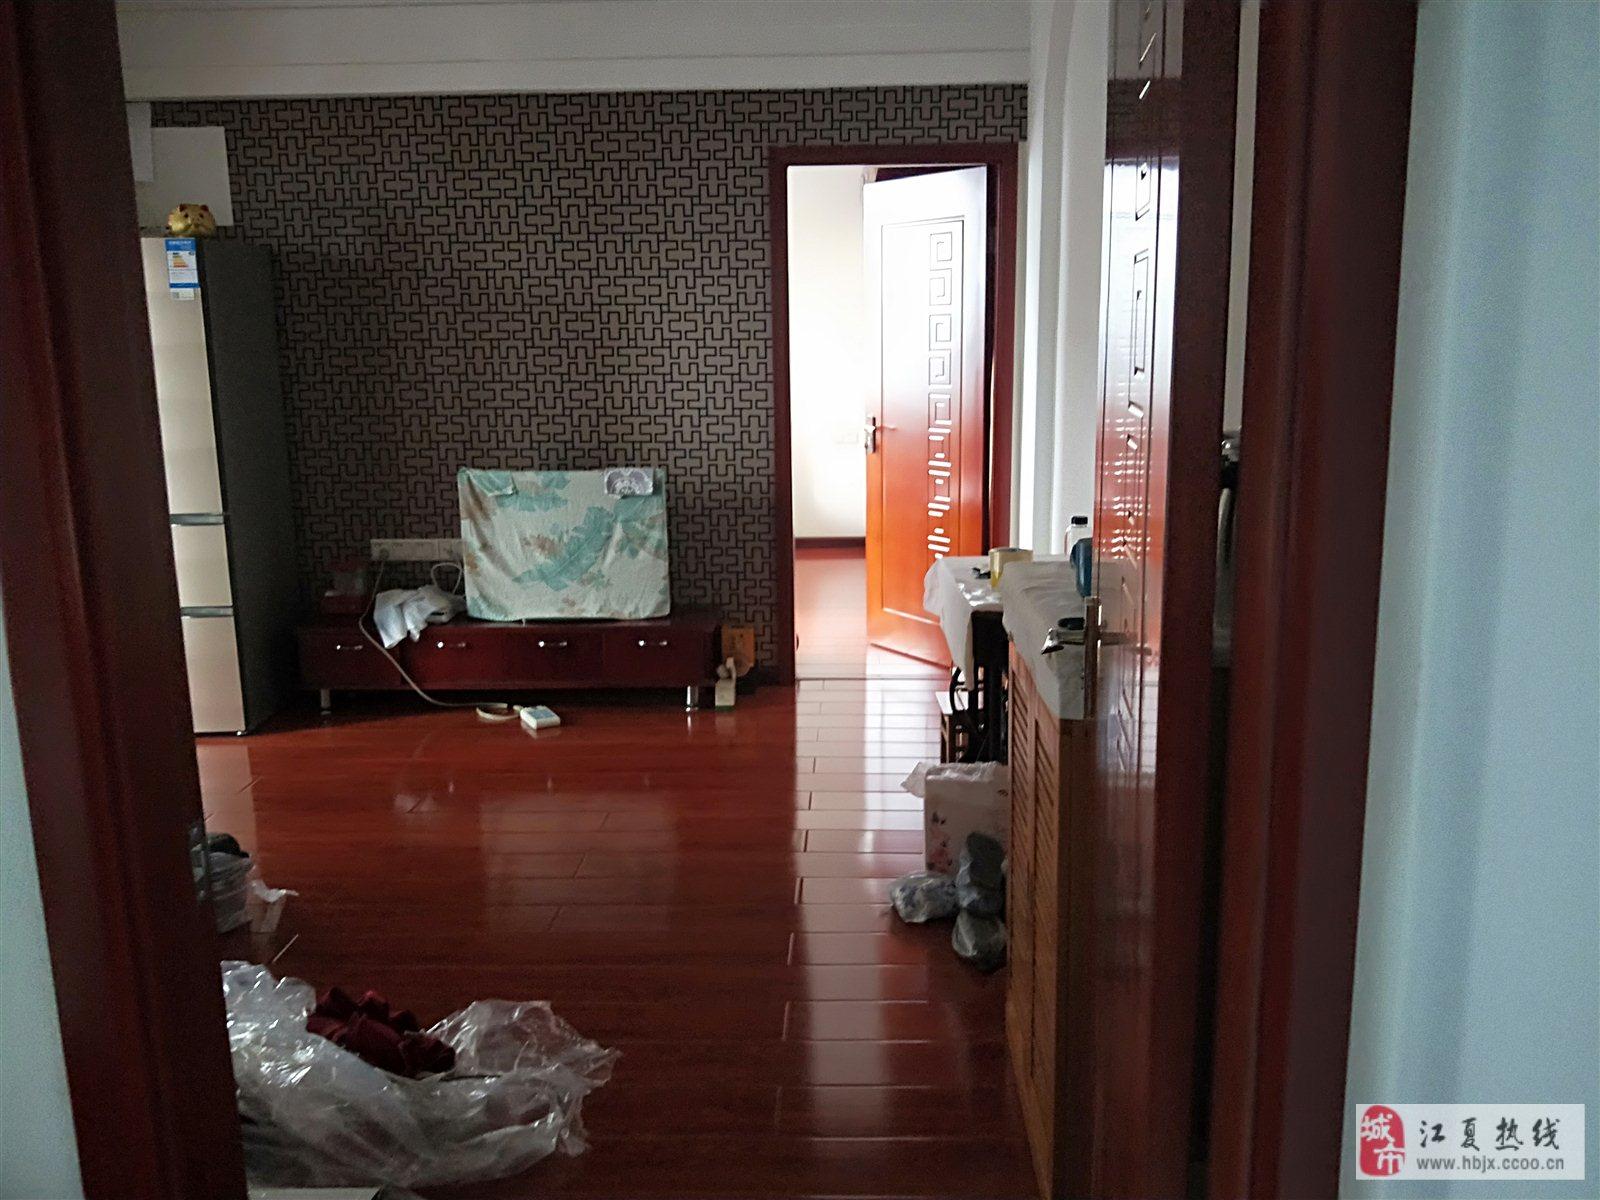 富丽豪庭 1室1厅1卫 60平米中装80万元